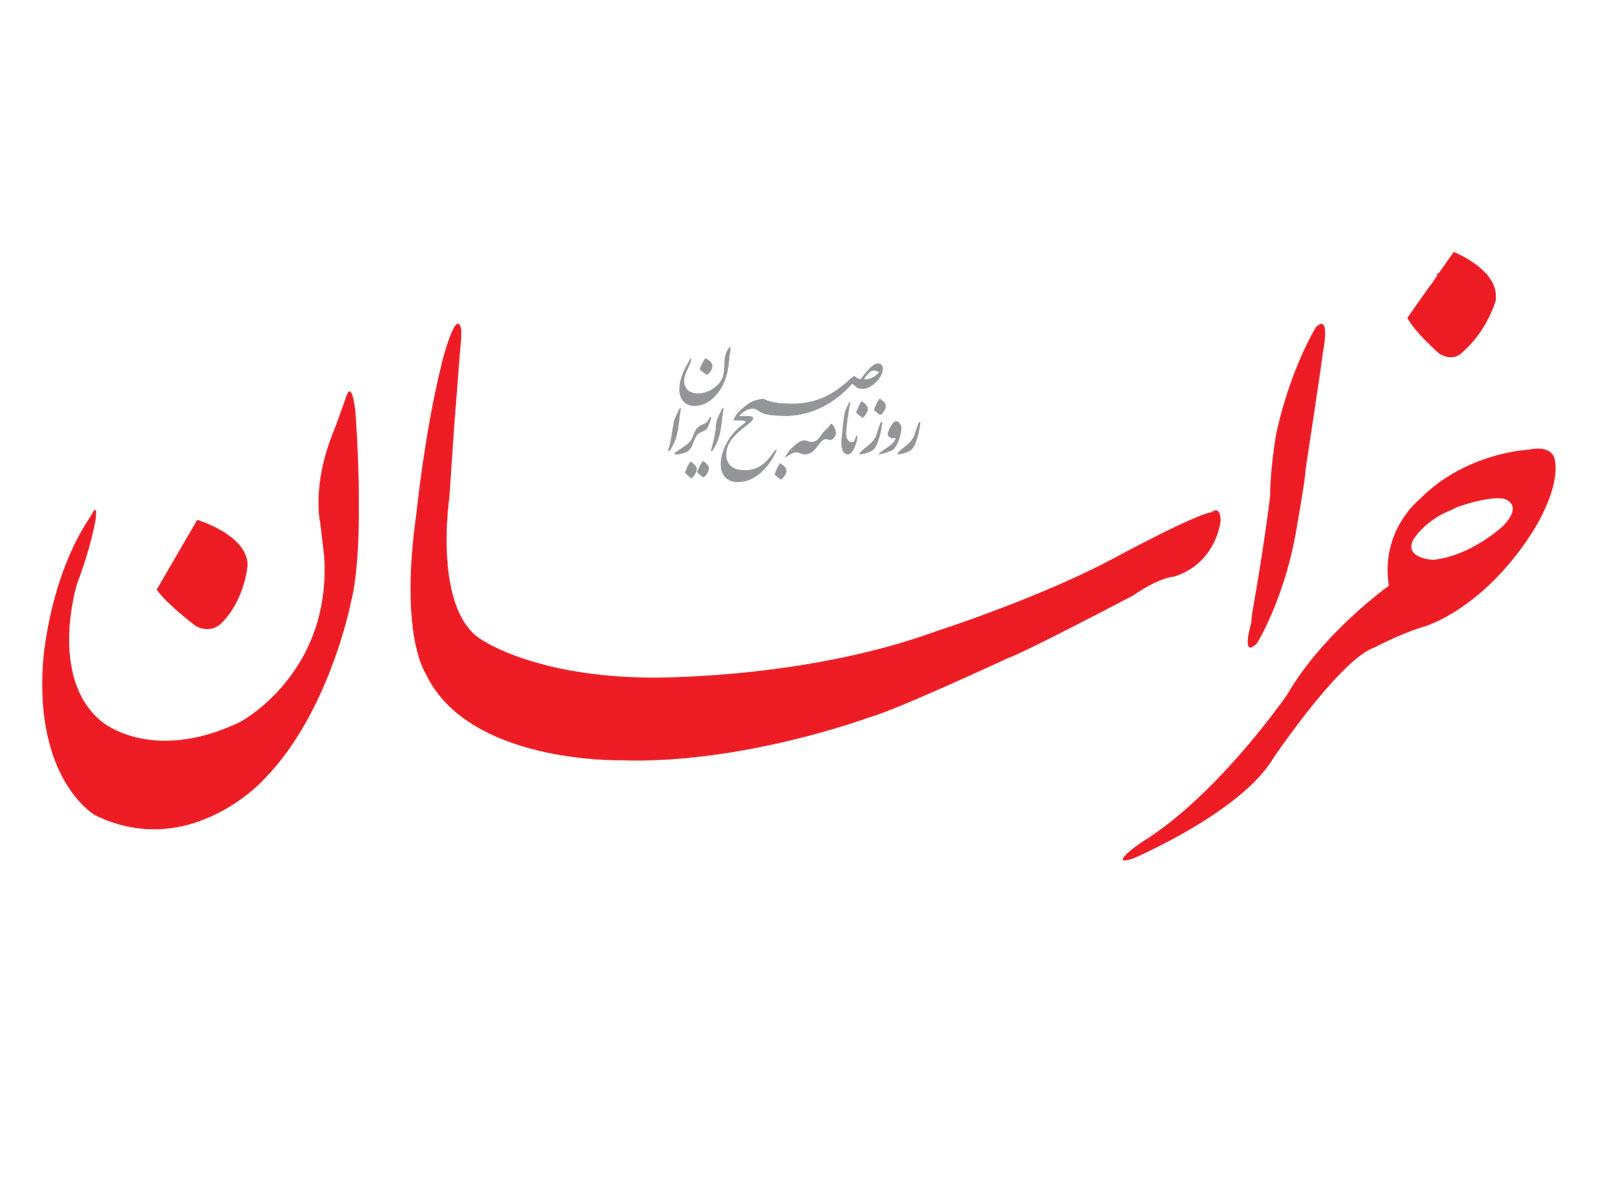 سرمقاله خراسان/ خوزستان و راه حلهايي که يک شبه نيست!